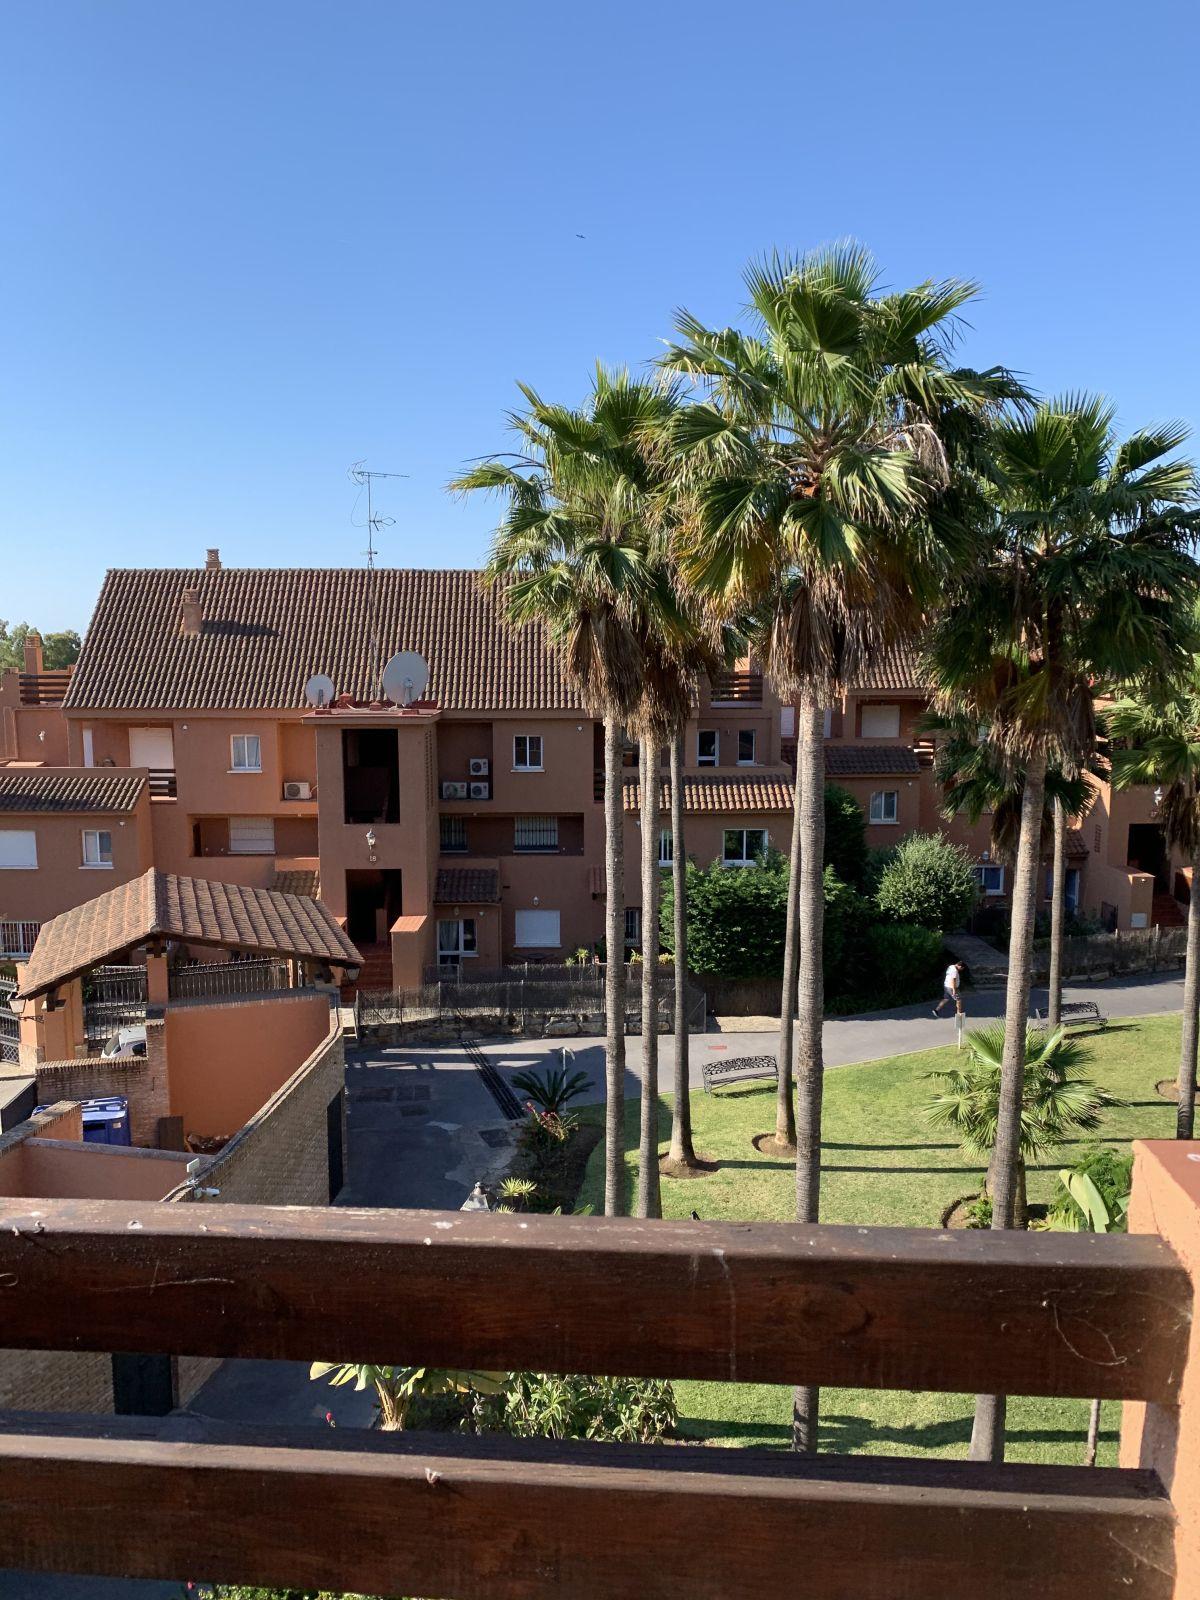 Apartamento 3 Dormitorios en Venta Casares Playa